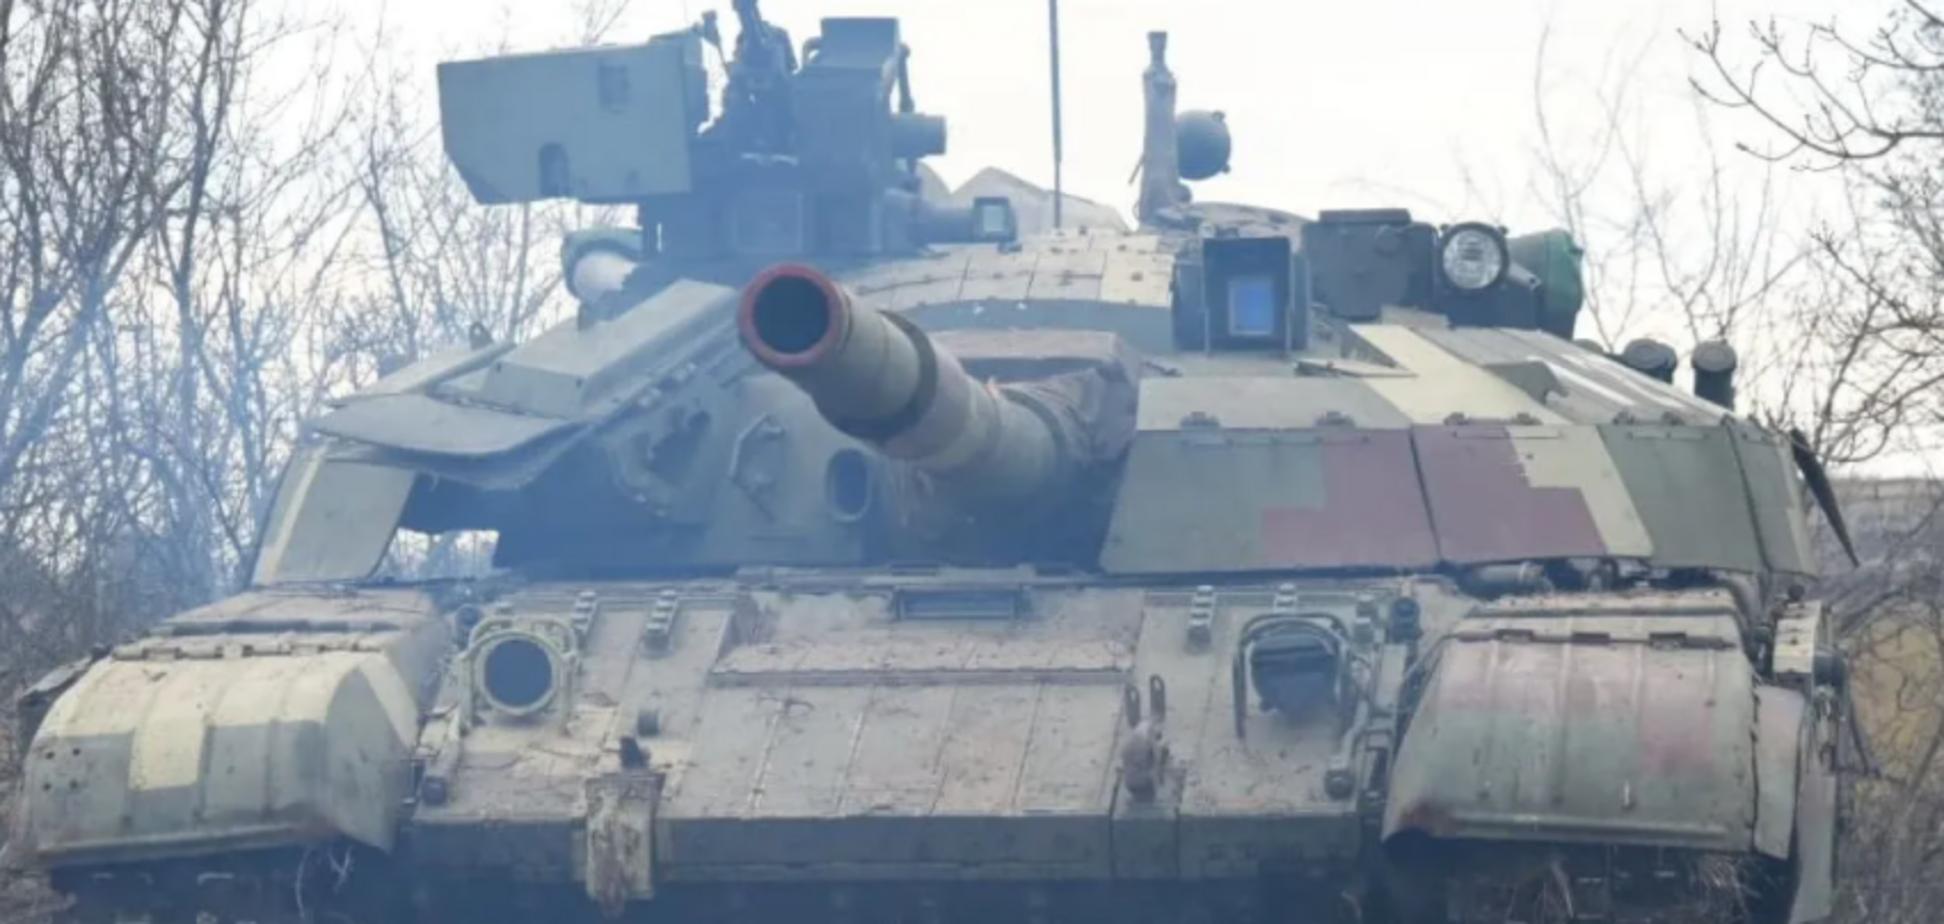 Танки и артиллерия: ВСУ устроили масштабные маневры возле Крыма